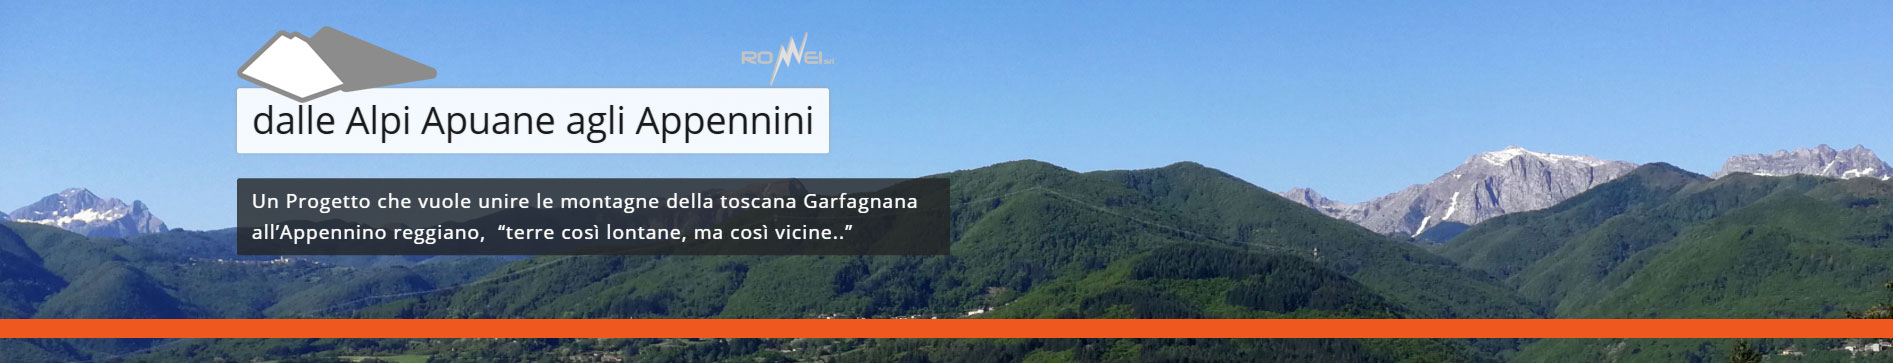 Sito Apuane-Appennini..